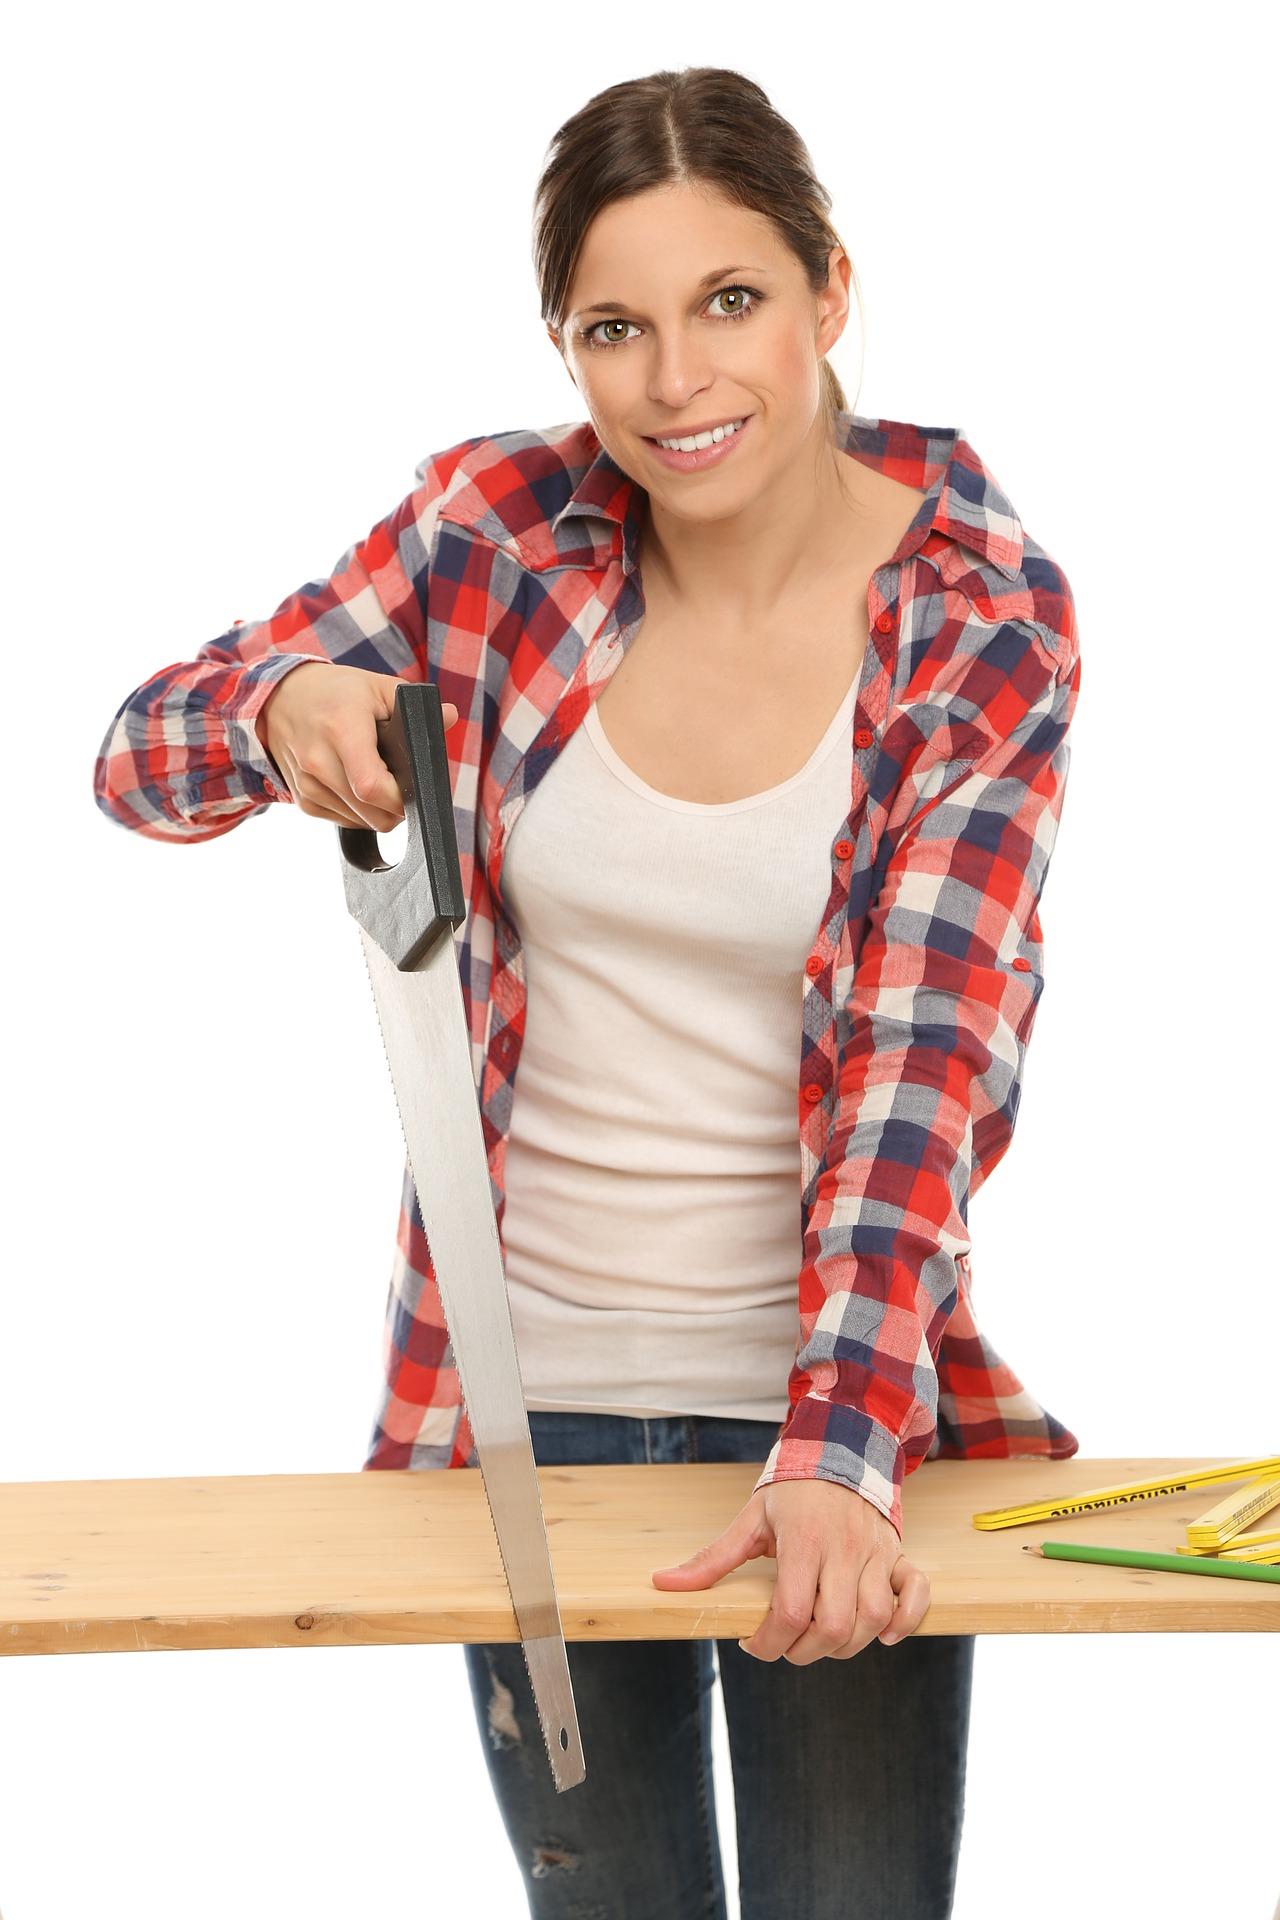 Frauen bauen Möbel